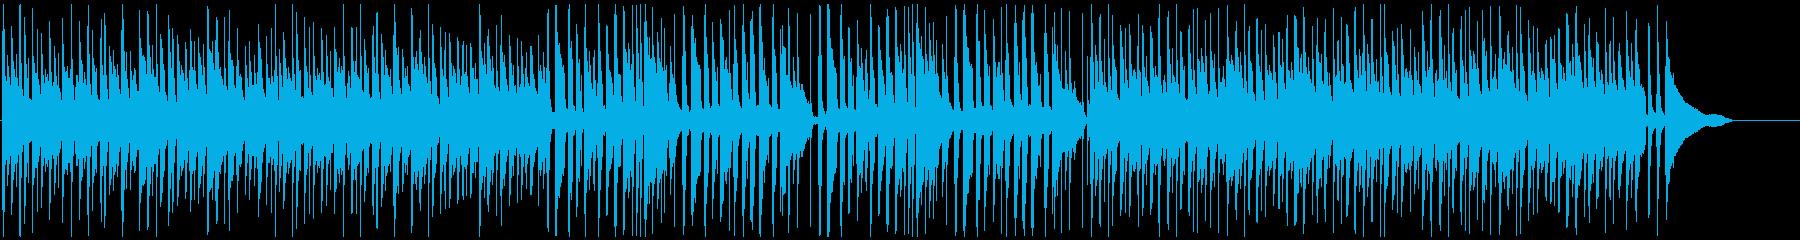 CMや映像に ピアノボサノバでまったりの再生済みの波形